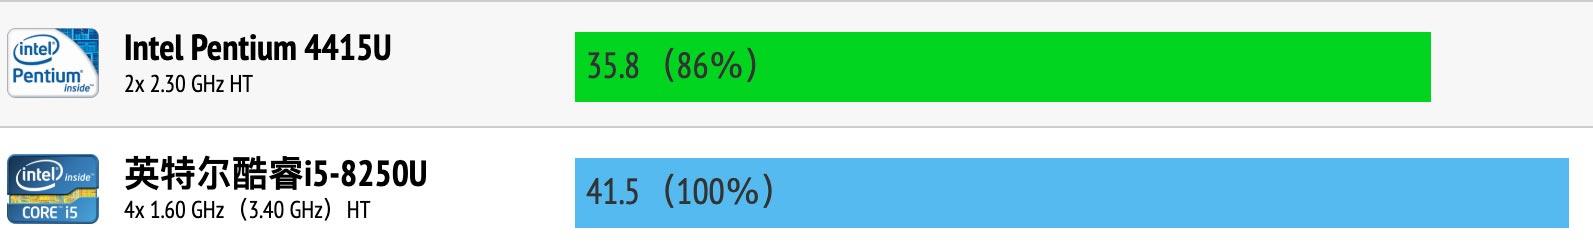 英特尔奔腾4415U和酷睿i5-8250U性能跑分对比评测